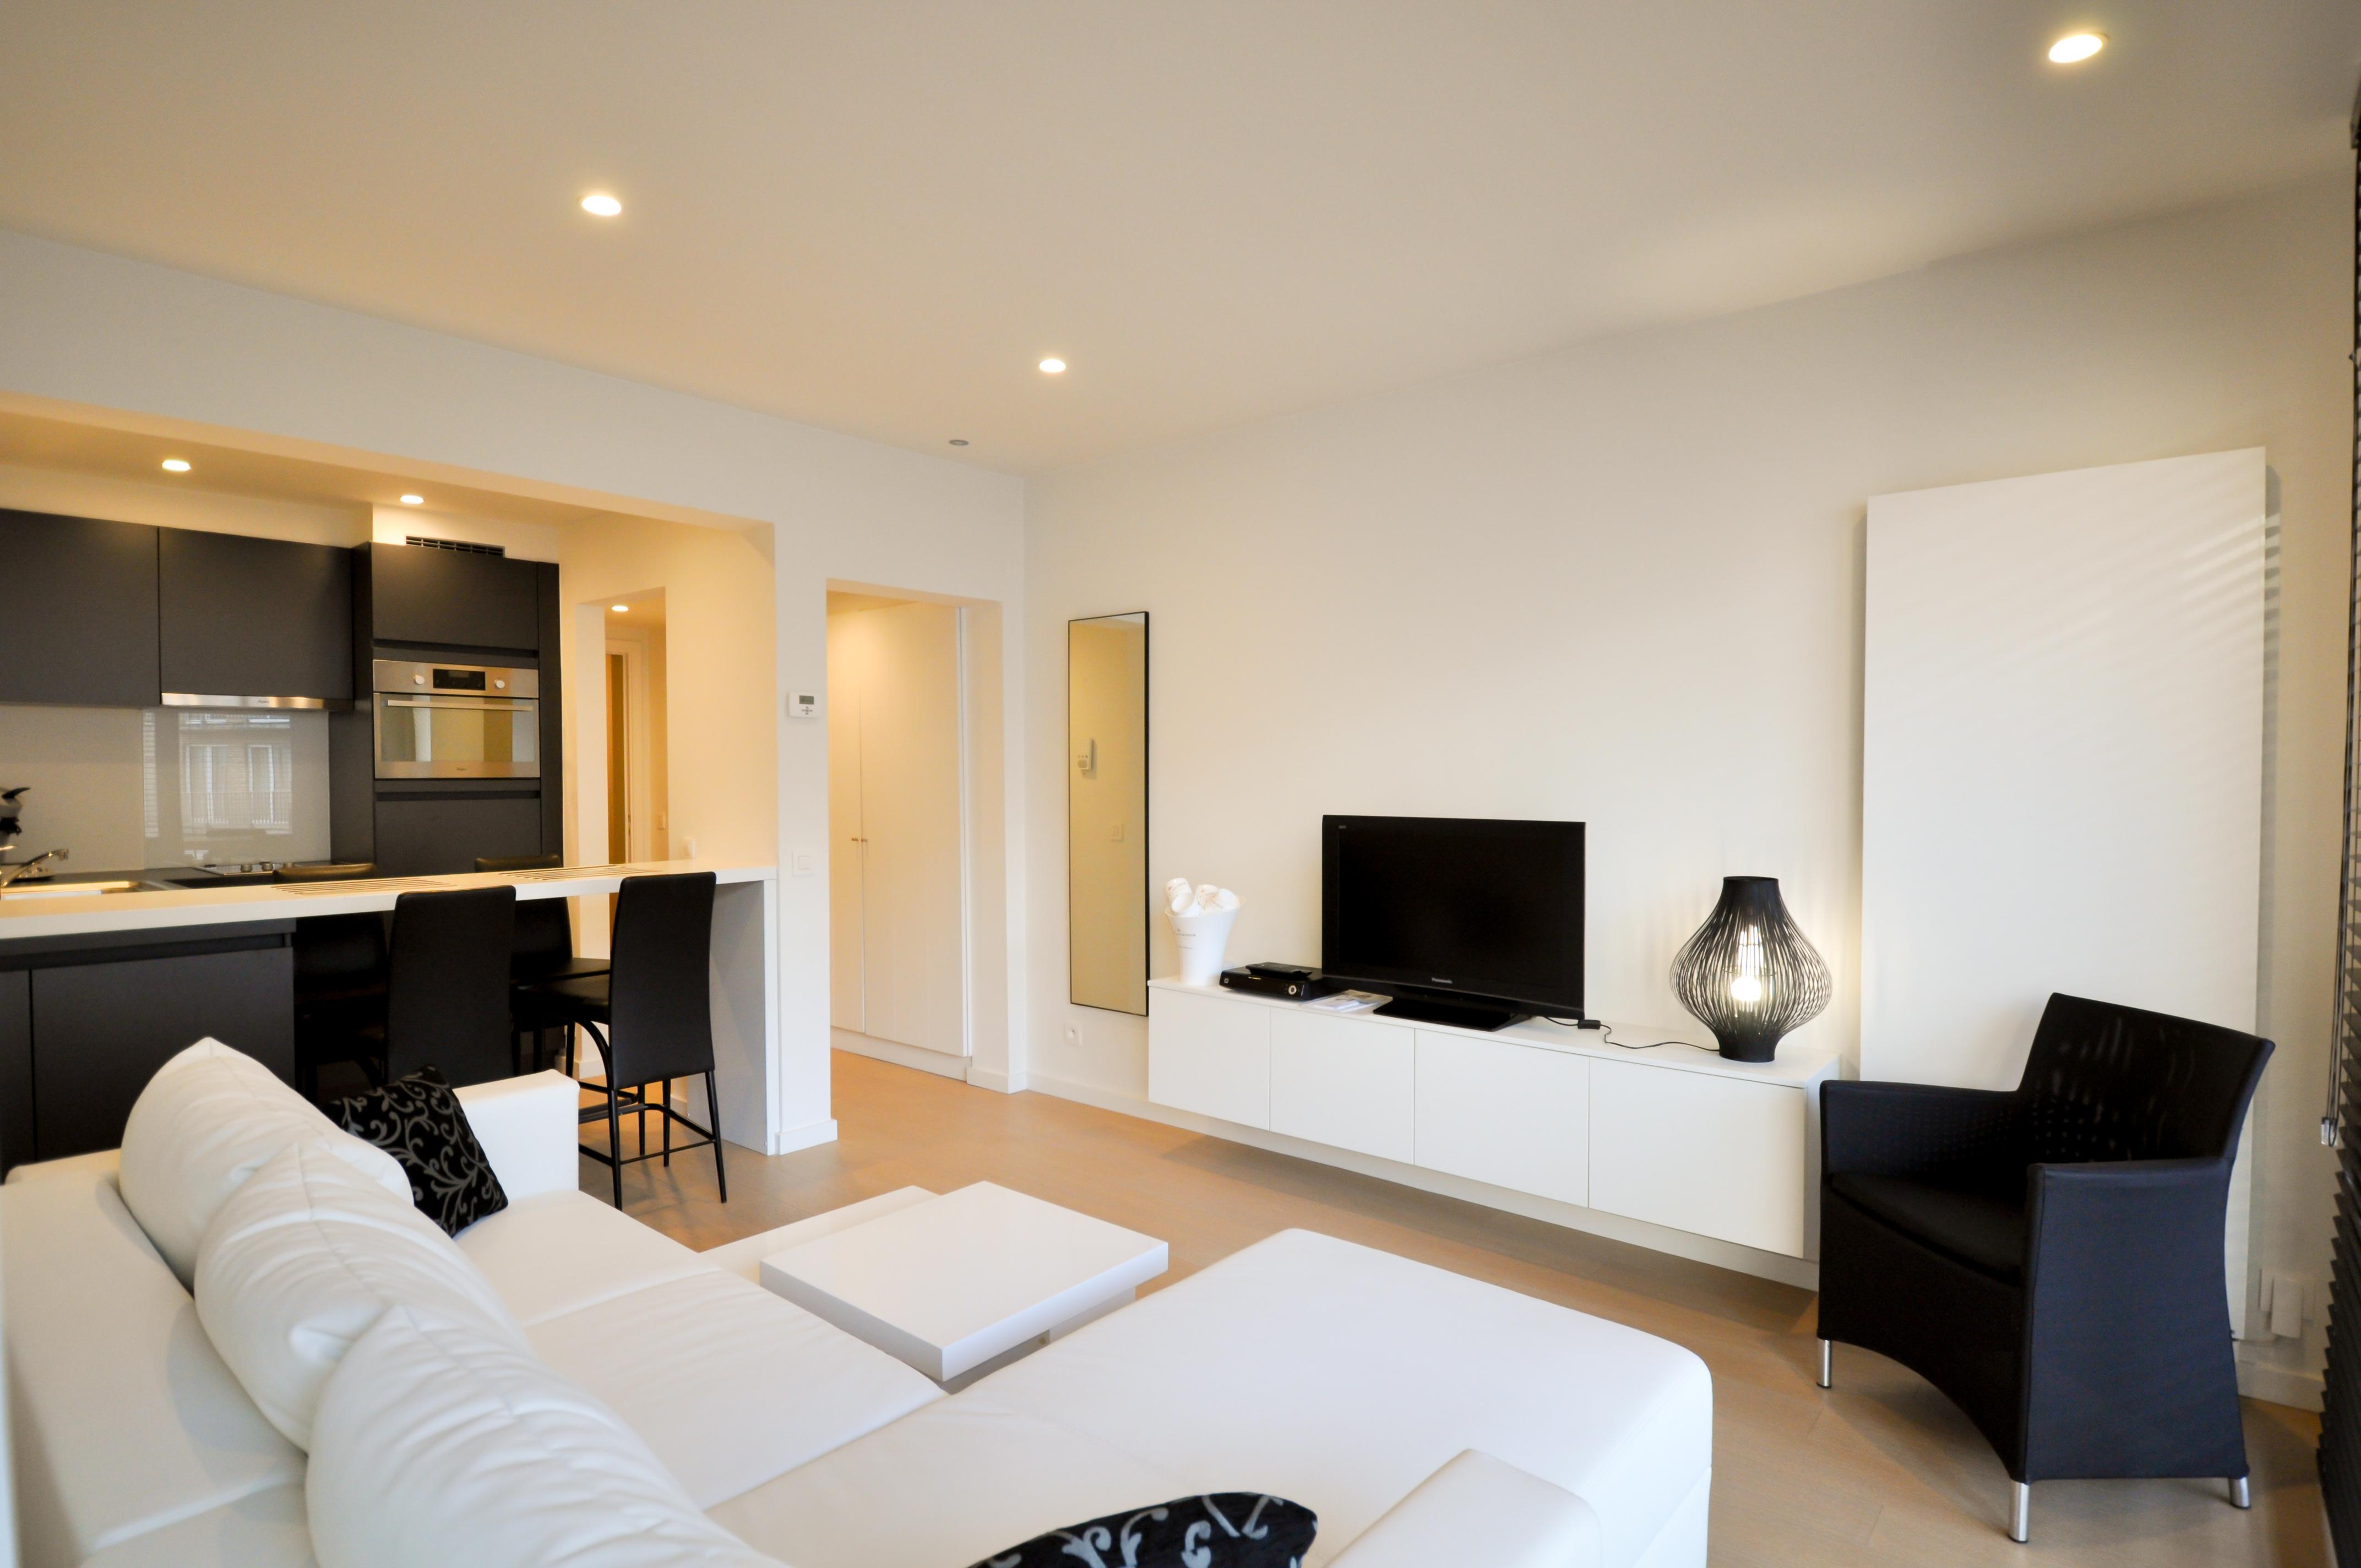 Appartement rénové avec 1 chambre à coucher, près de la digue à Albertplage.